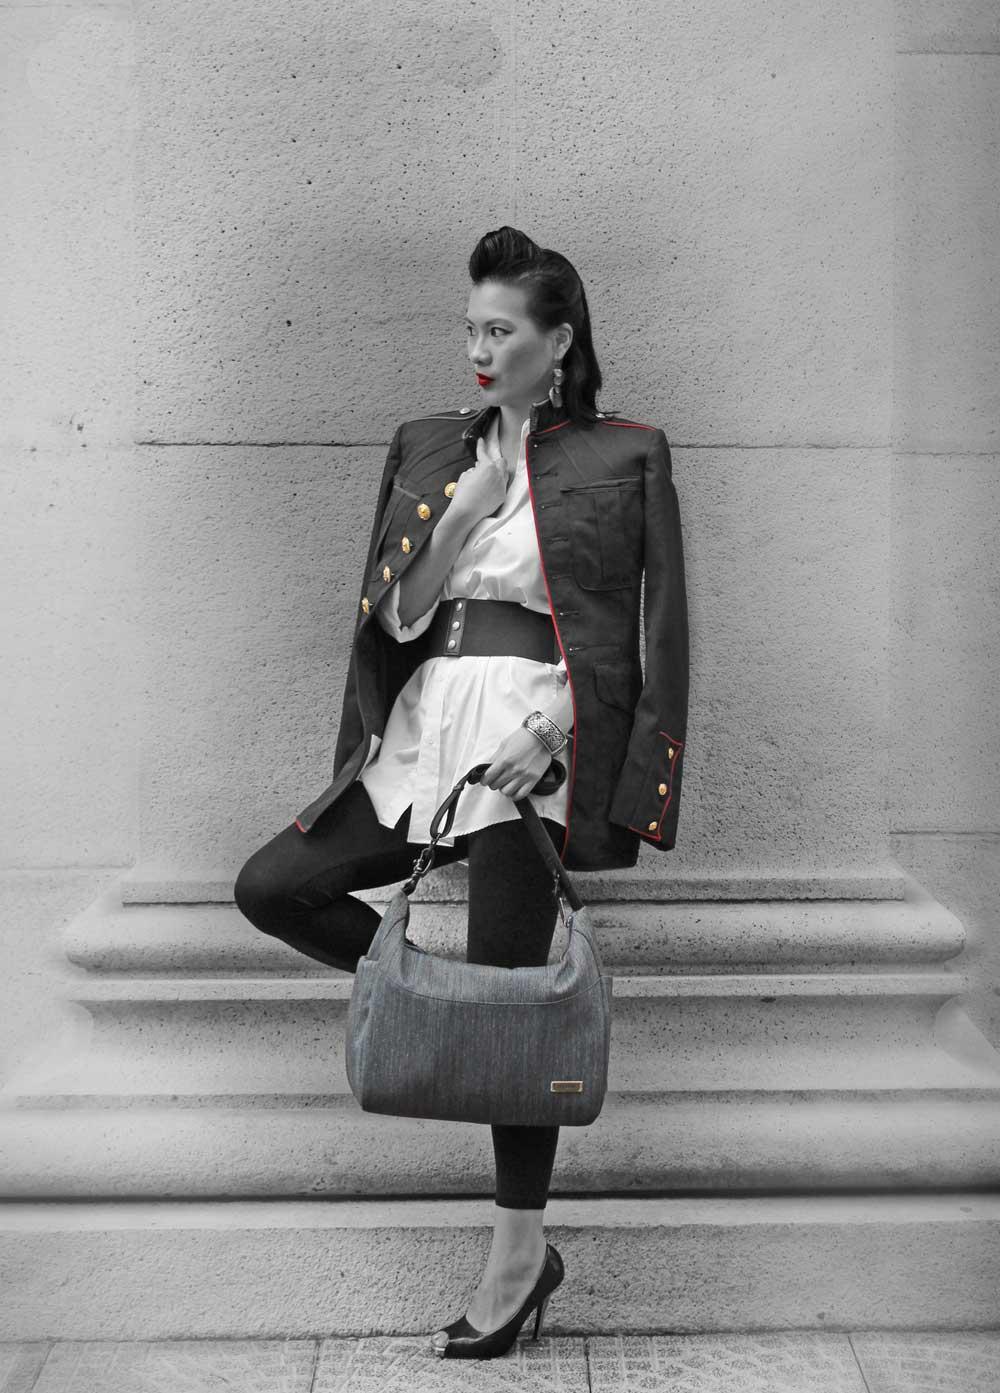 Woman-modeling-packsafe-bag